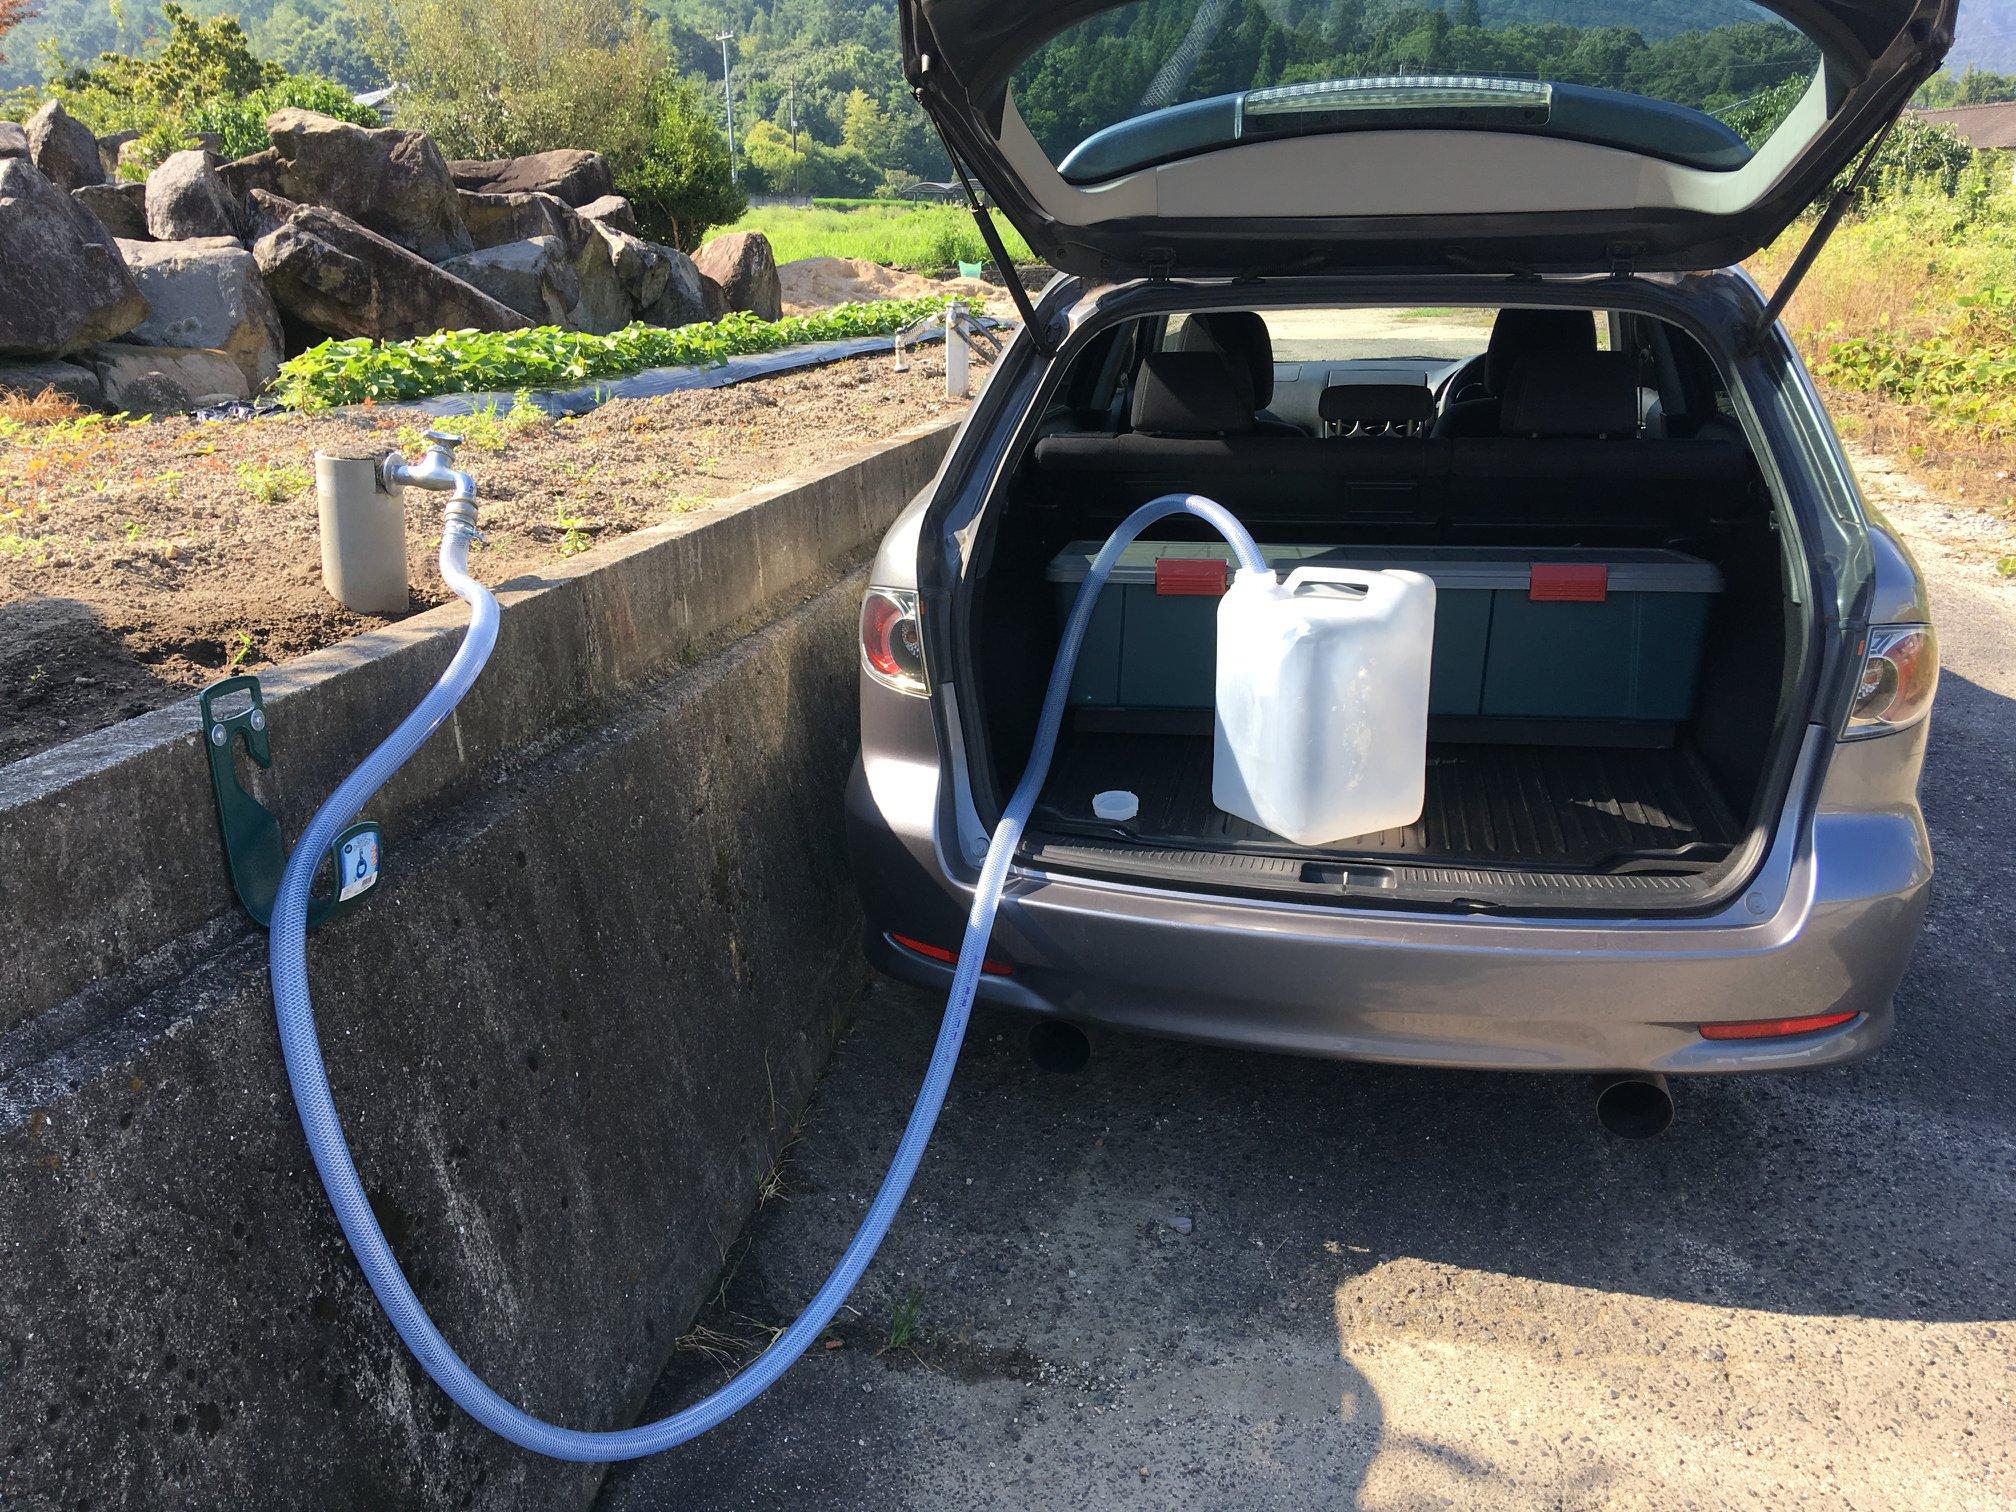 赤坂ボーリング給水所 車にタンクを載せたまま利用できます。